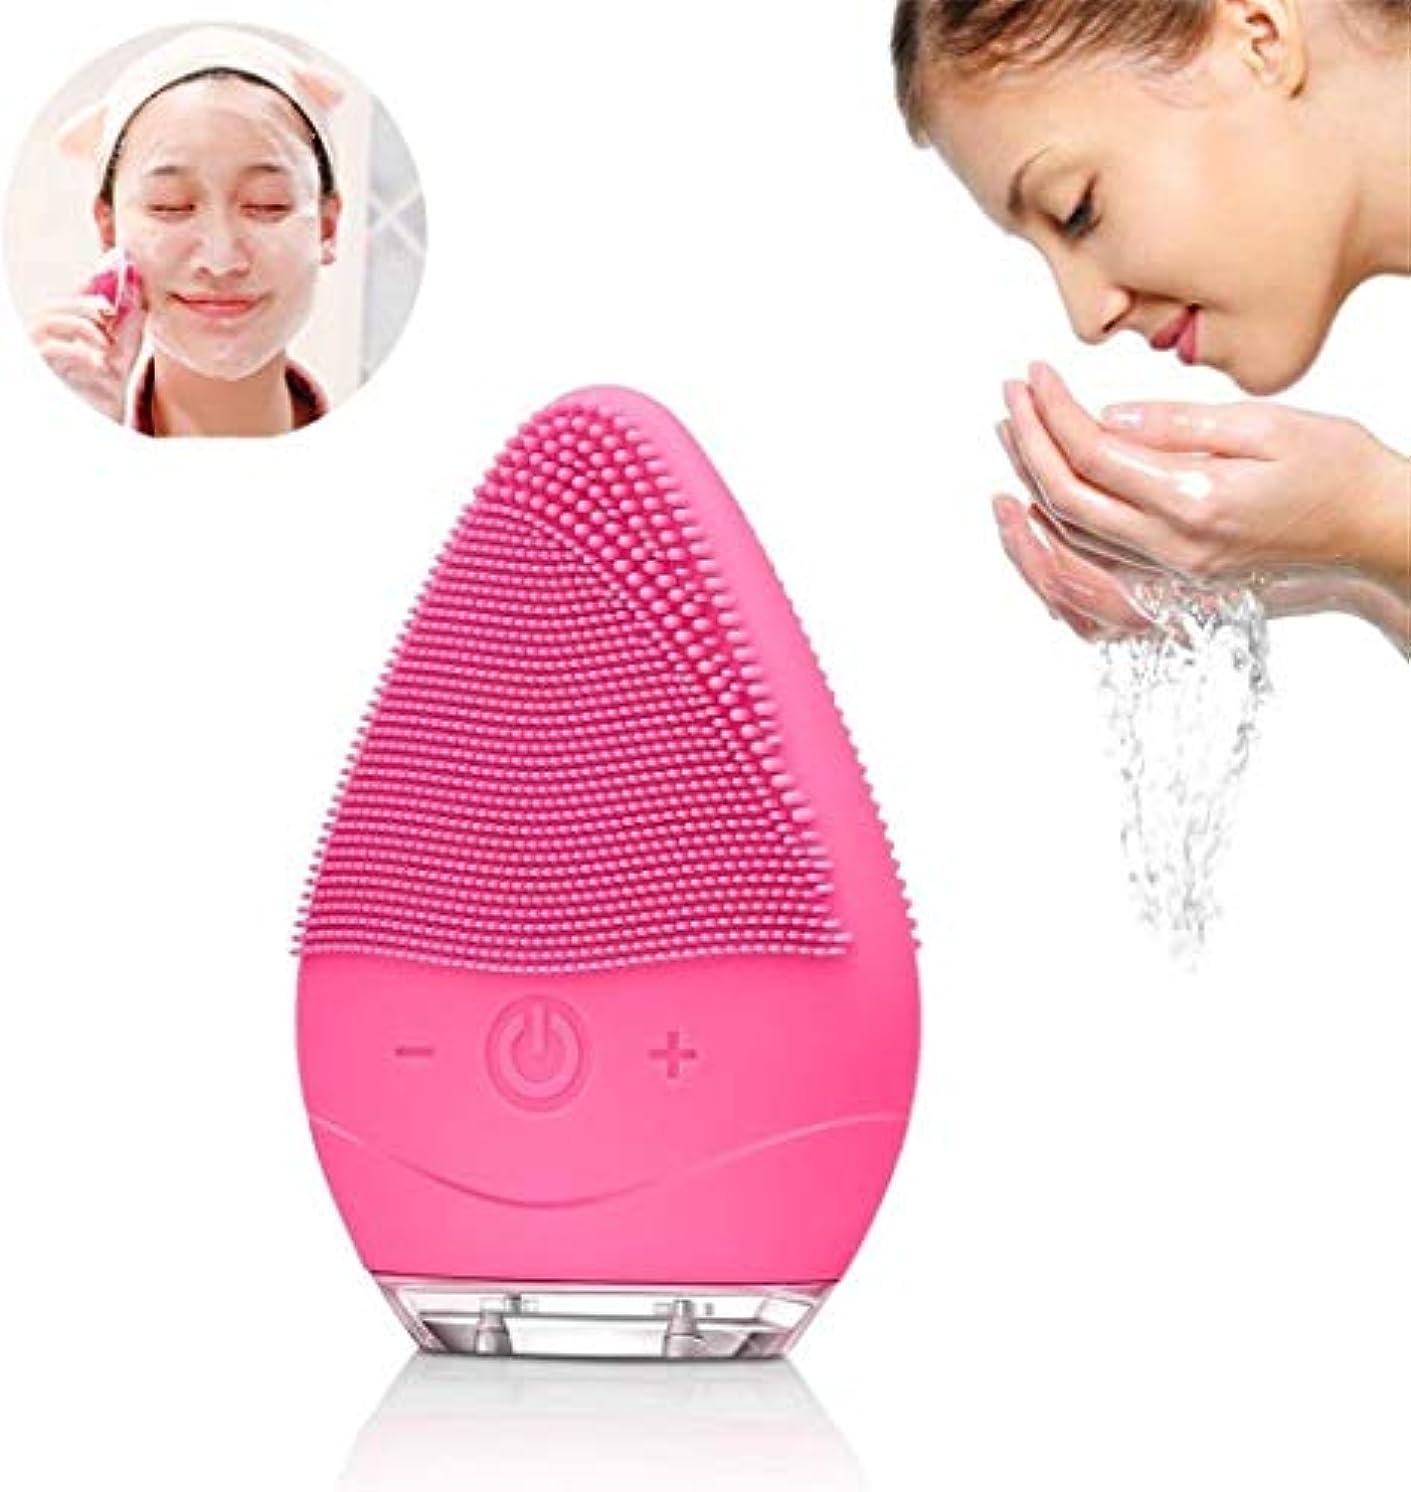 まとめるチーフ一節ソニック洗顔ブラシ、防水シリコーン洗顔ブラシエレクトリックフェイス振動マッサージ器USB充電式(ローズ)とクリーンな肌のためのデバイス